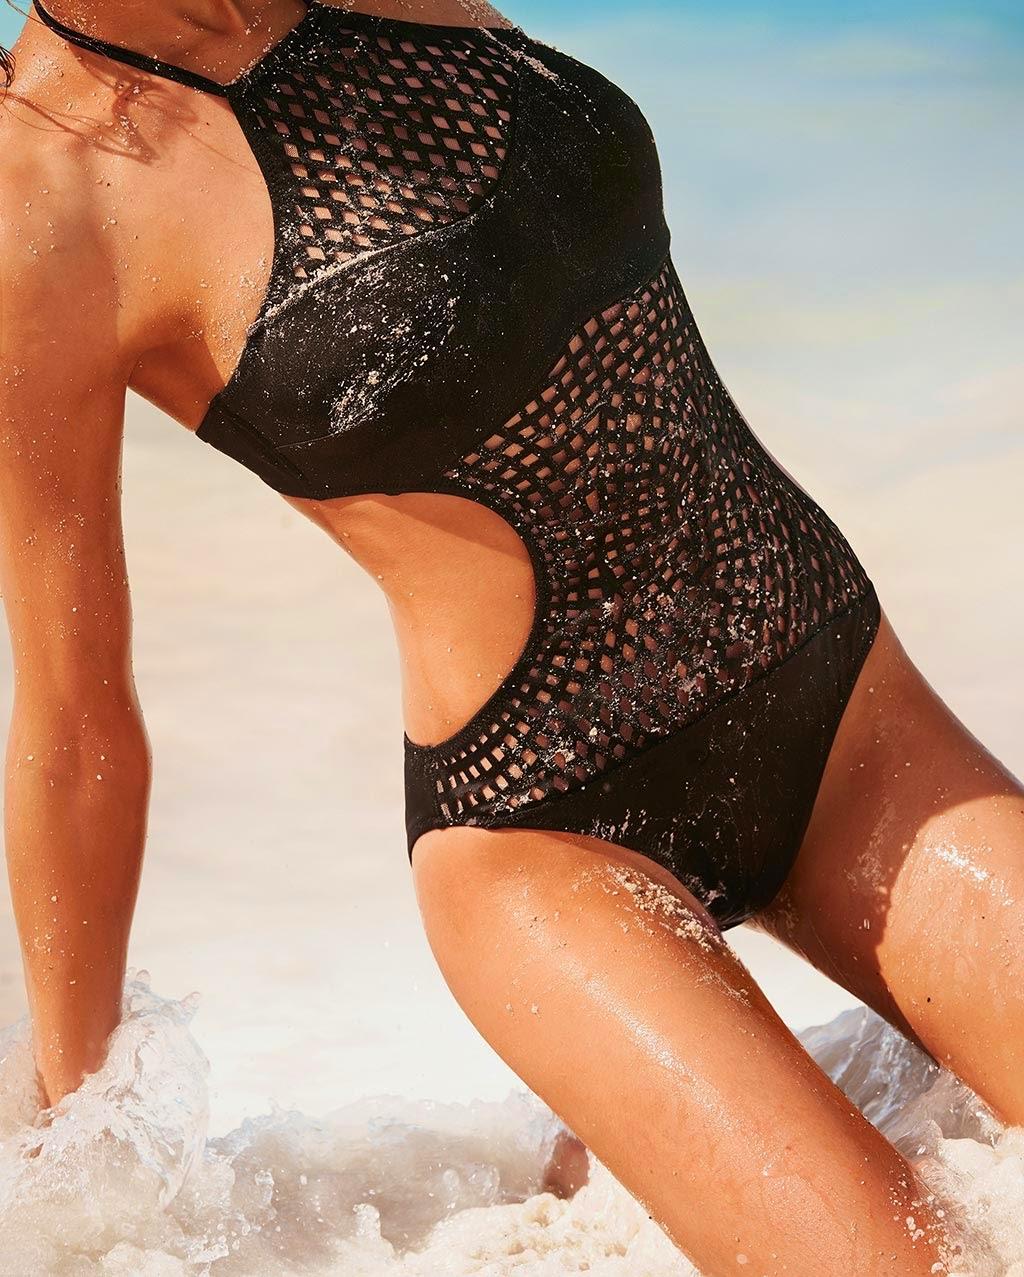 Sezon kąpielowy czas zacząć. Najmodniejsze wzory kostiumów kąpielowych 2014